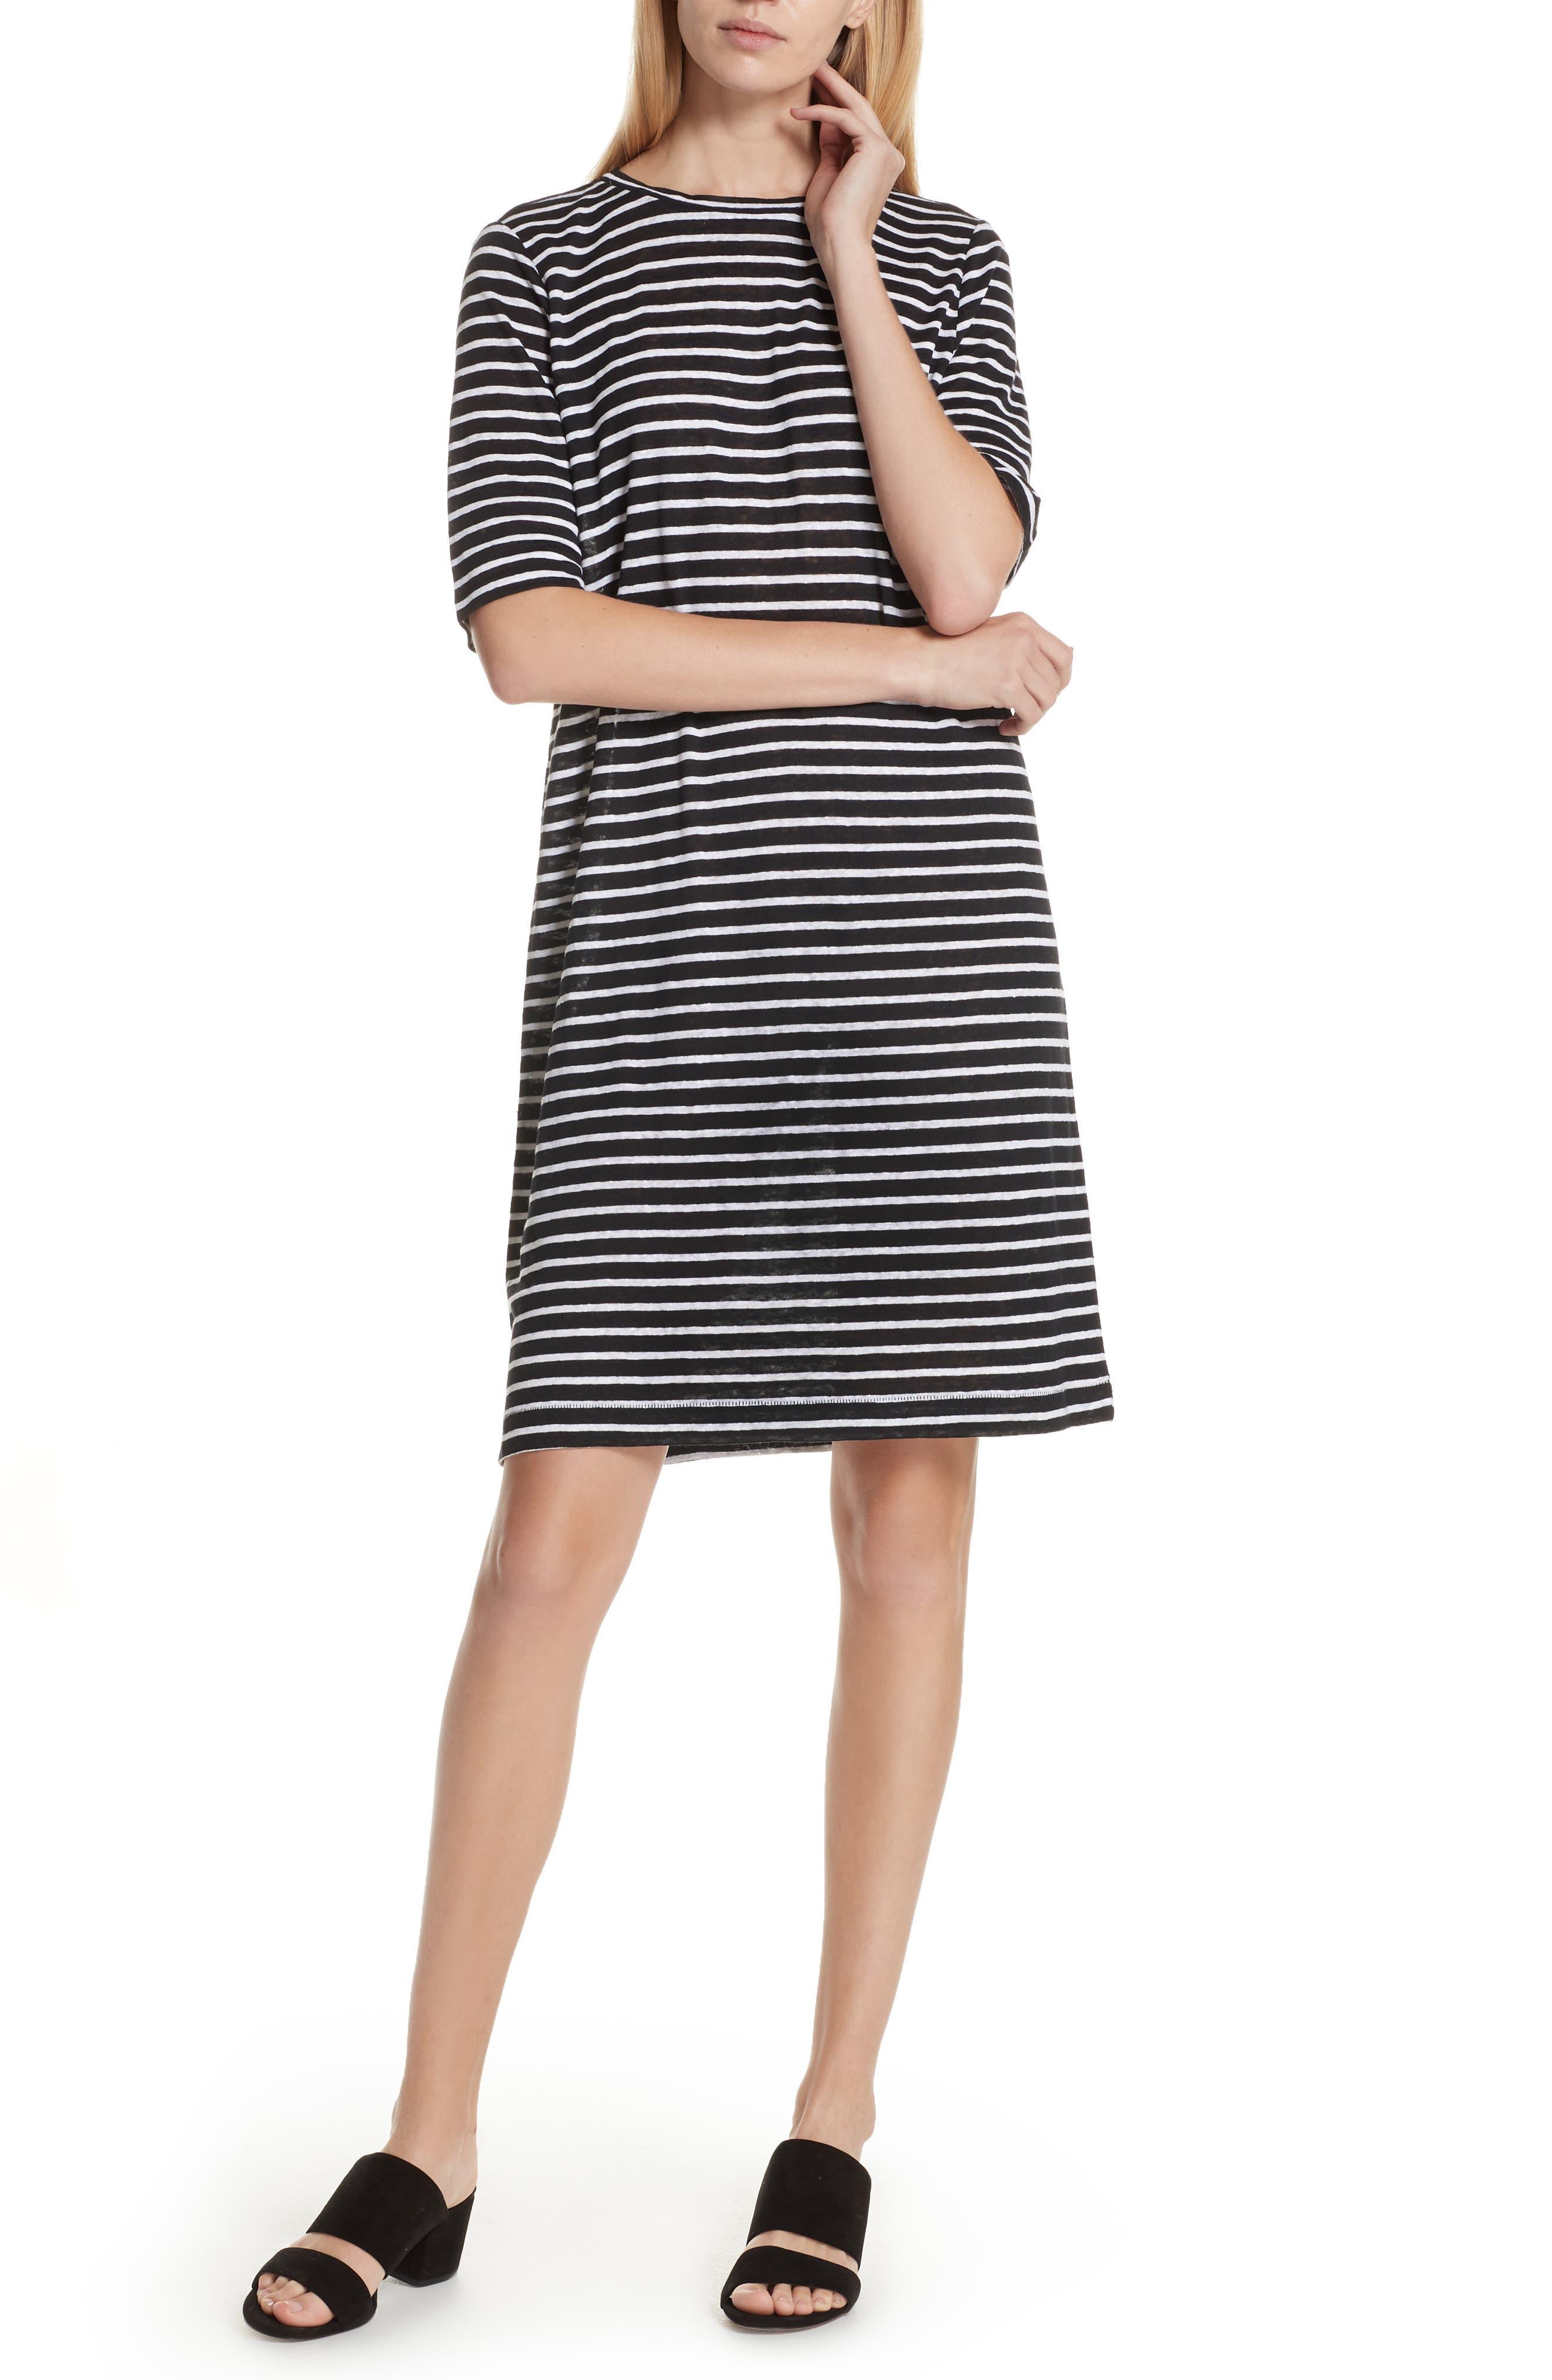 Stripe Organic Linen Knit Shift Dress,                             Main thumbnail 1, color,                             Black/ White